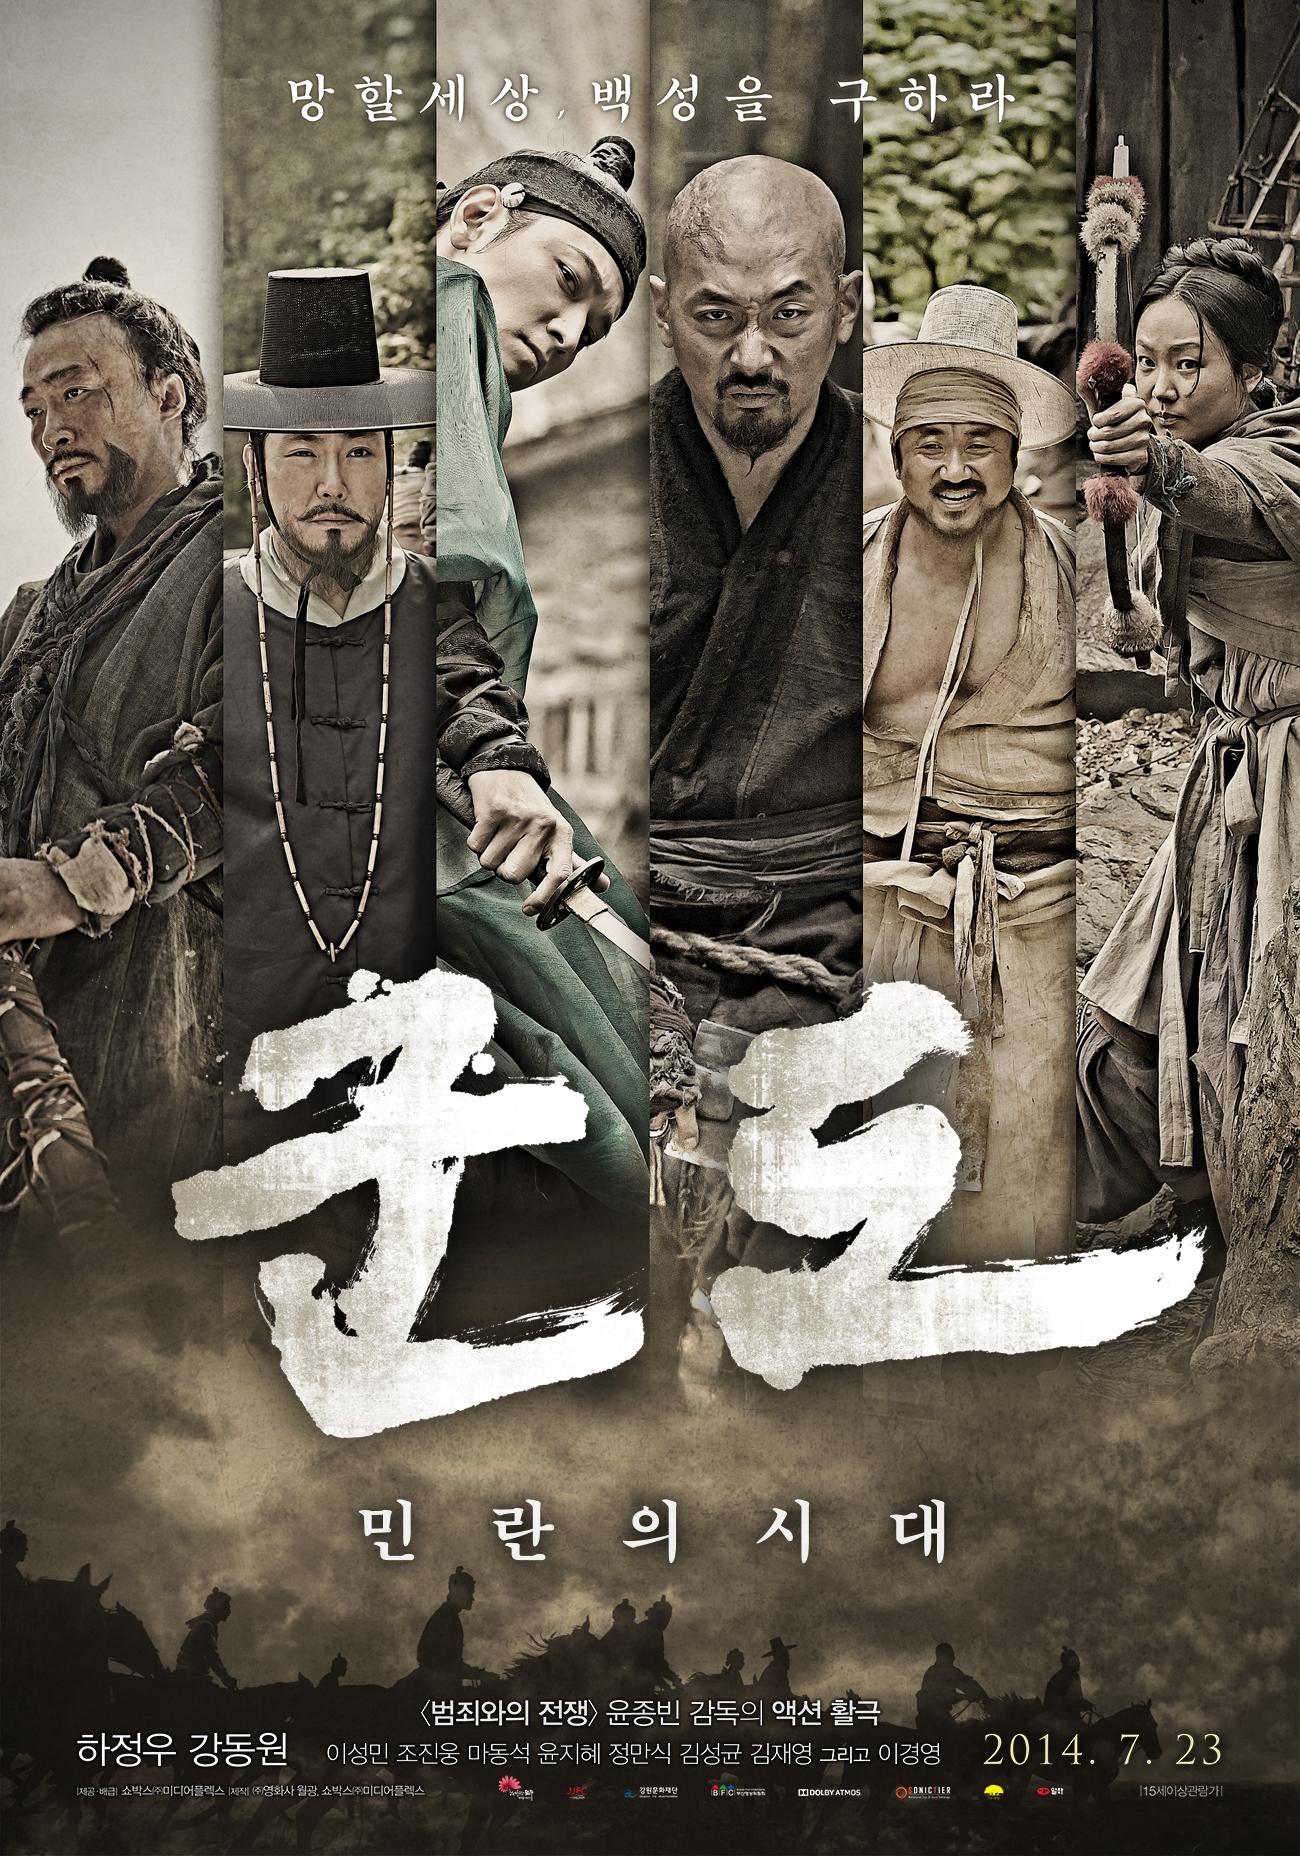 한국영화특선 1부 - 군도: 민란의 시대 1부